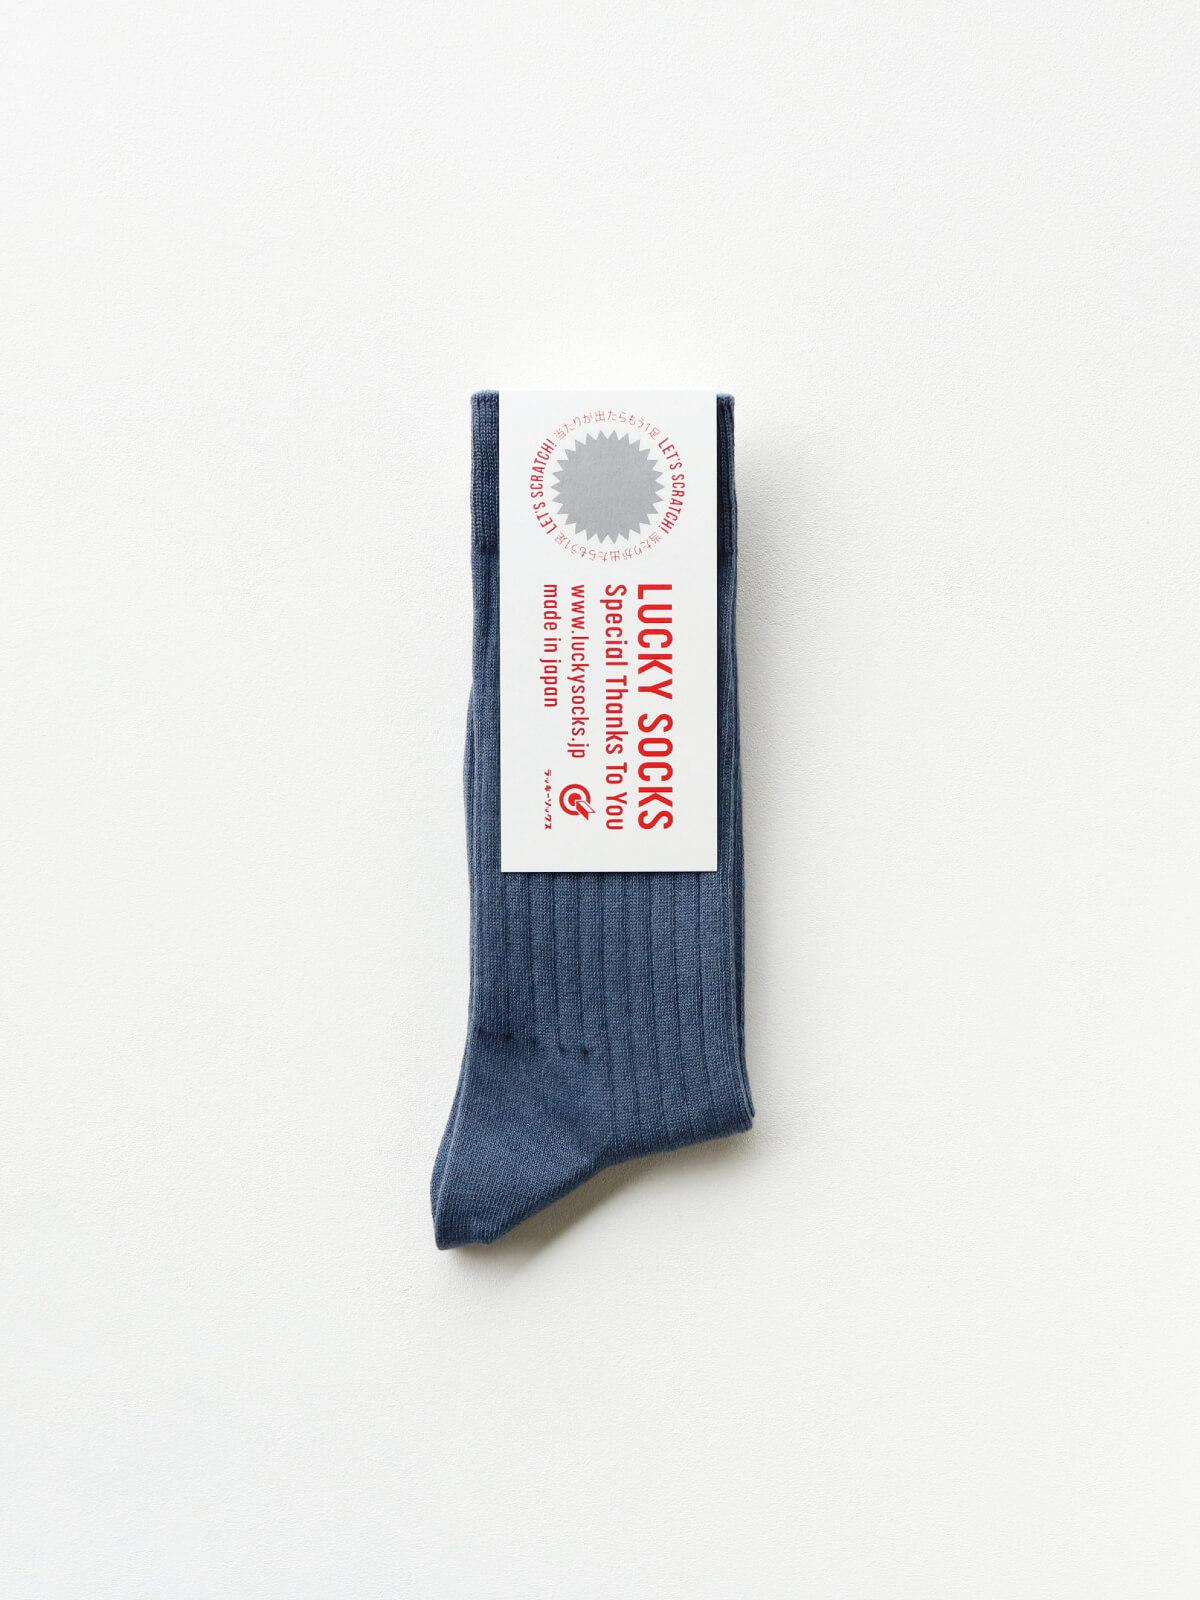 当たりつきギフト専用靴下のLUCKY SOCKS(ラッキーソックス)のLight Rib Socks(ライトリブソックス)のインディゴ_1